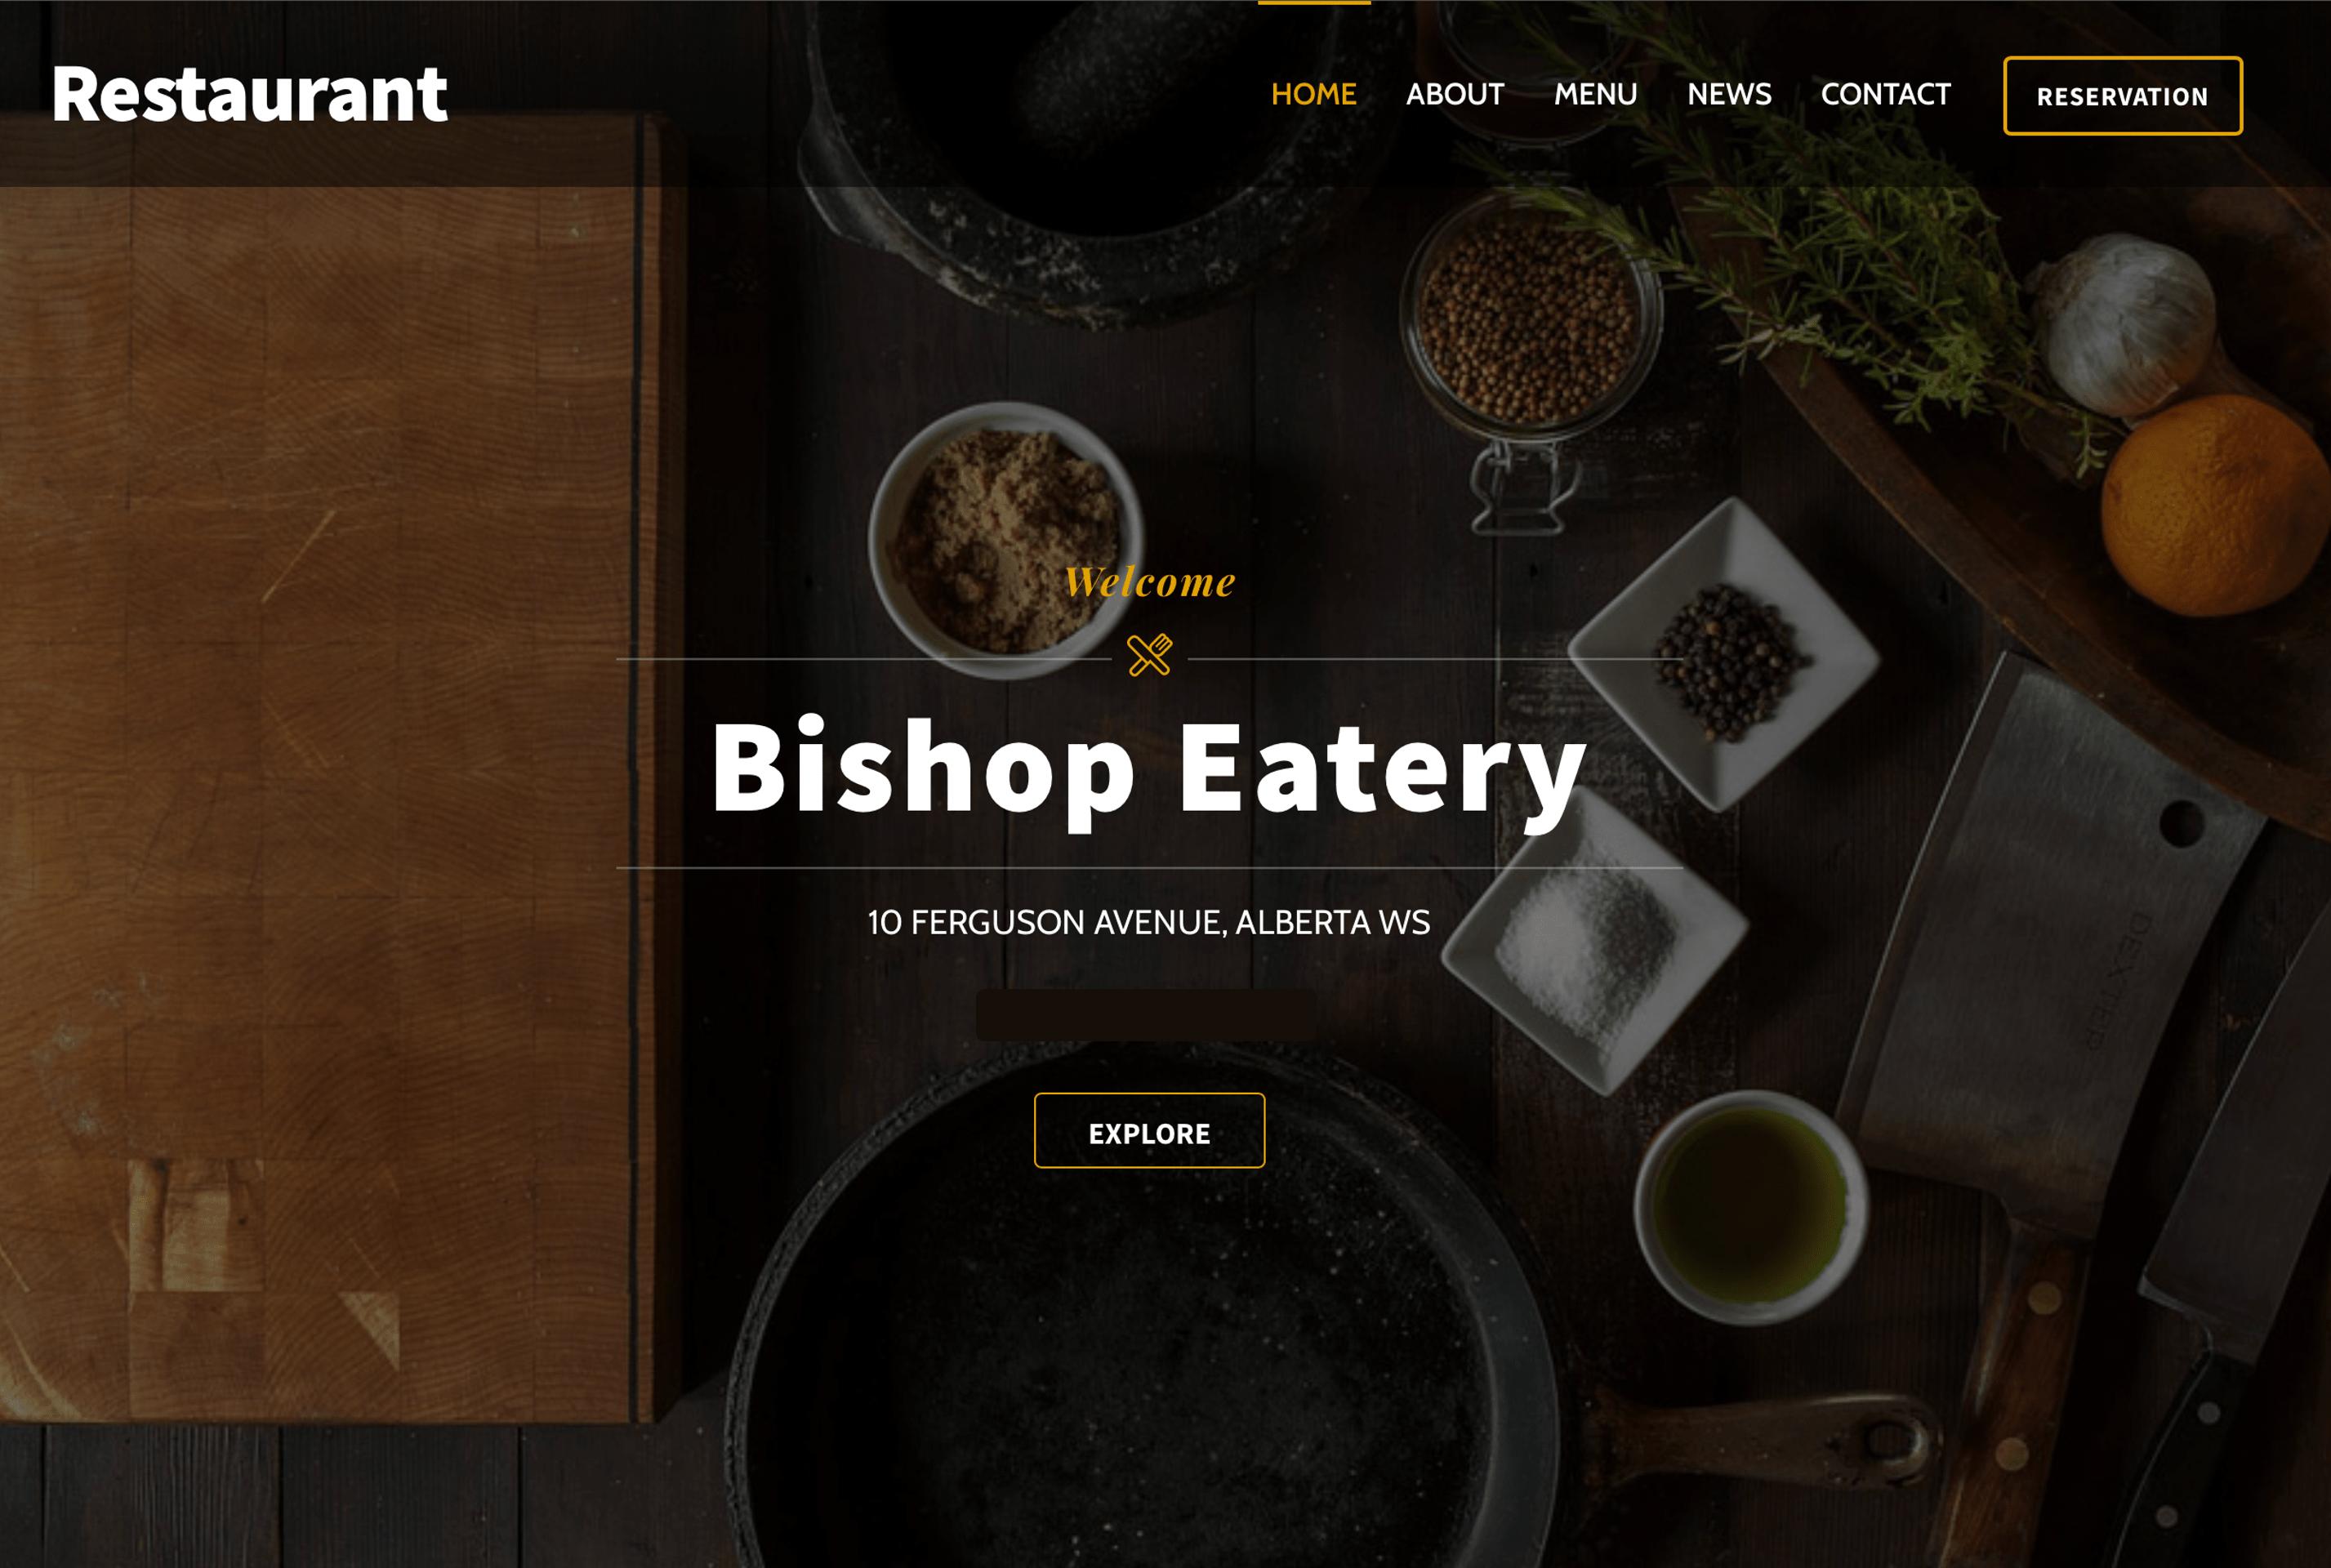 Cafe website design